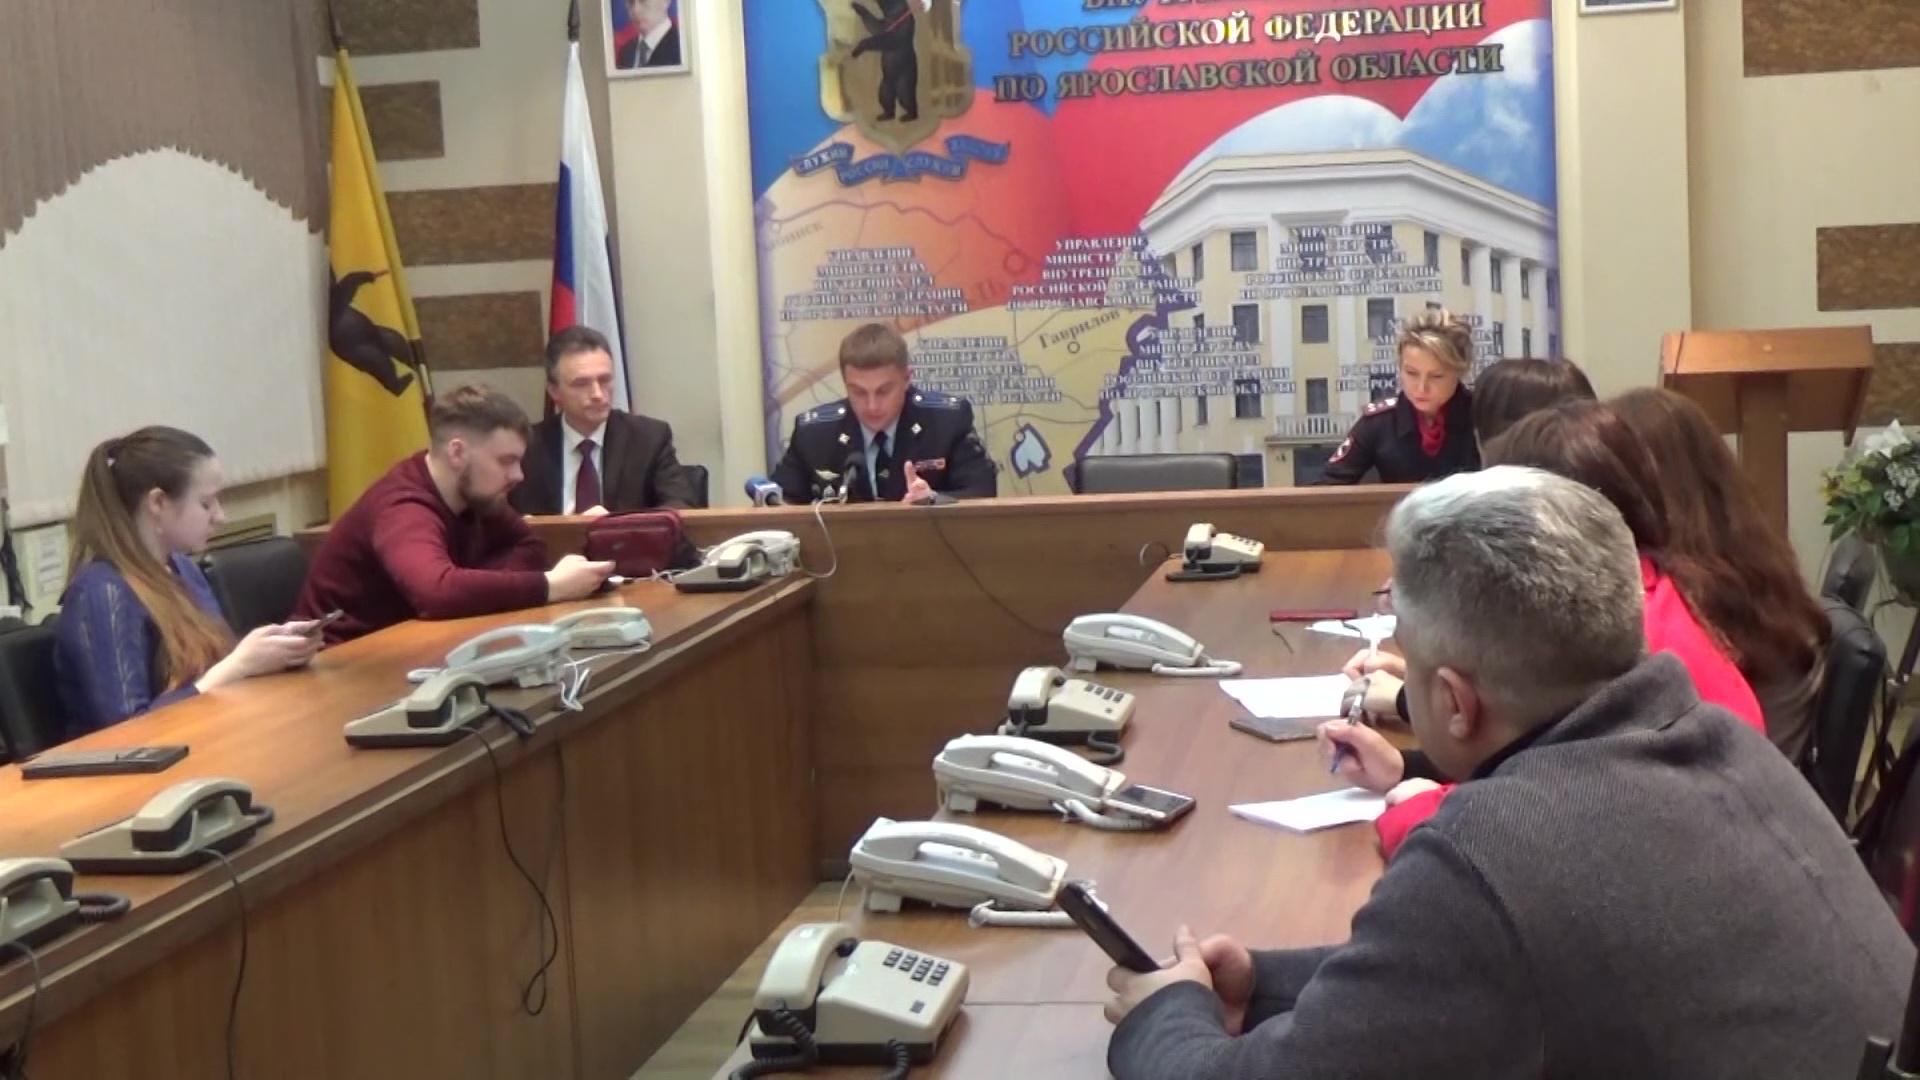 В Ярославской области увеличилась раскрываемость тяжких преступлений